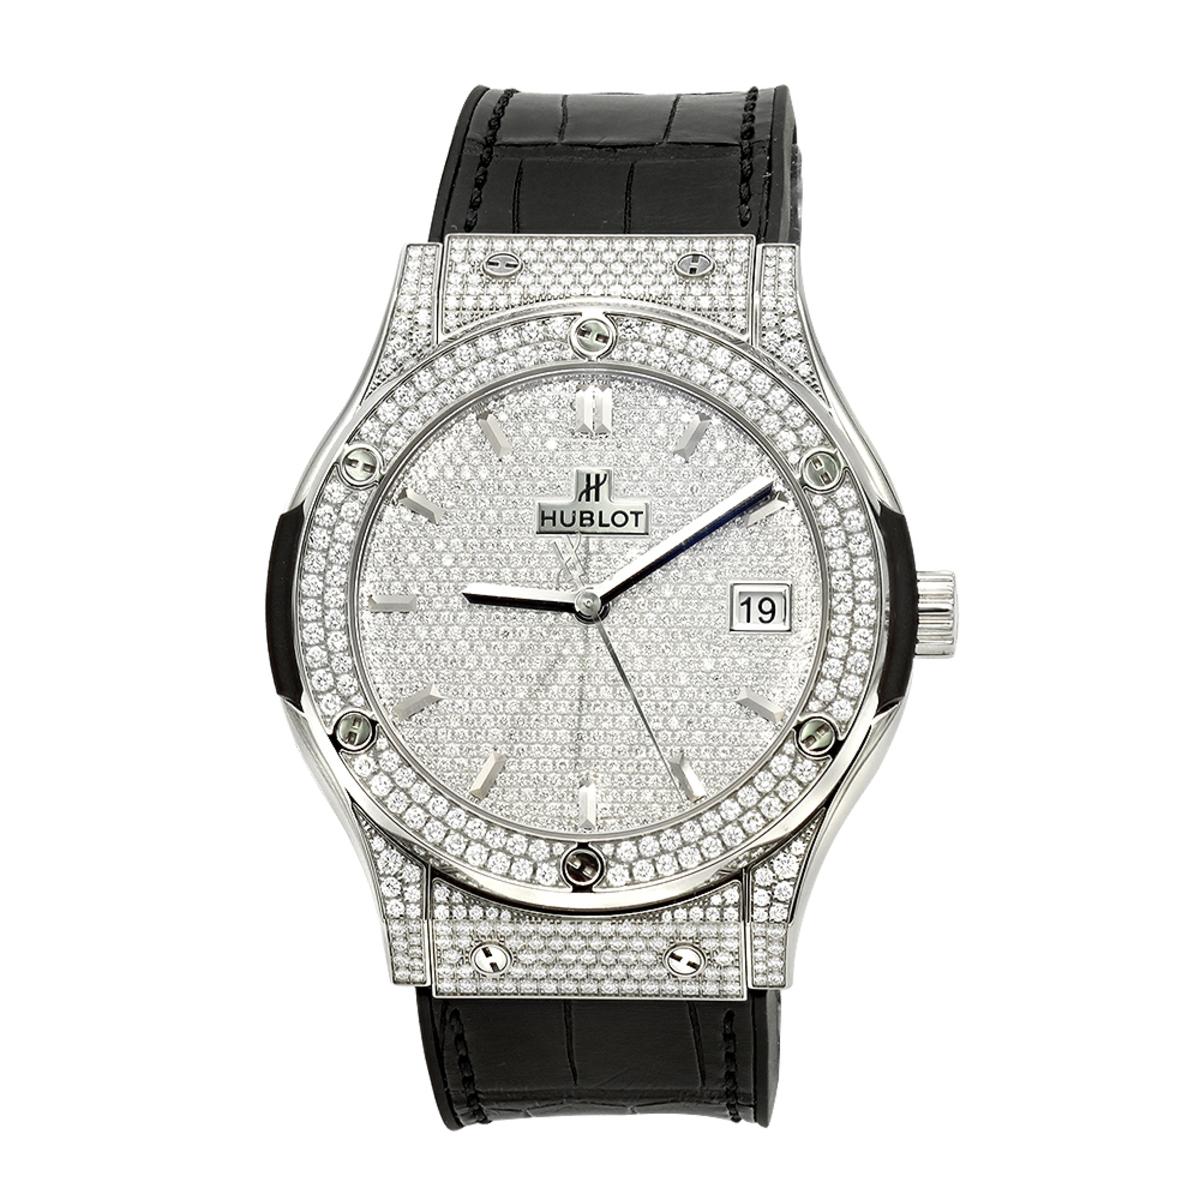 45mm Hublot Titanium Classic Fusion Diamond Watch for Men 3.5ct